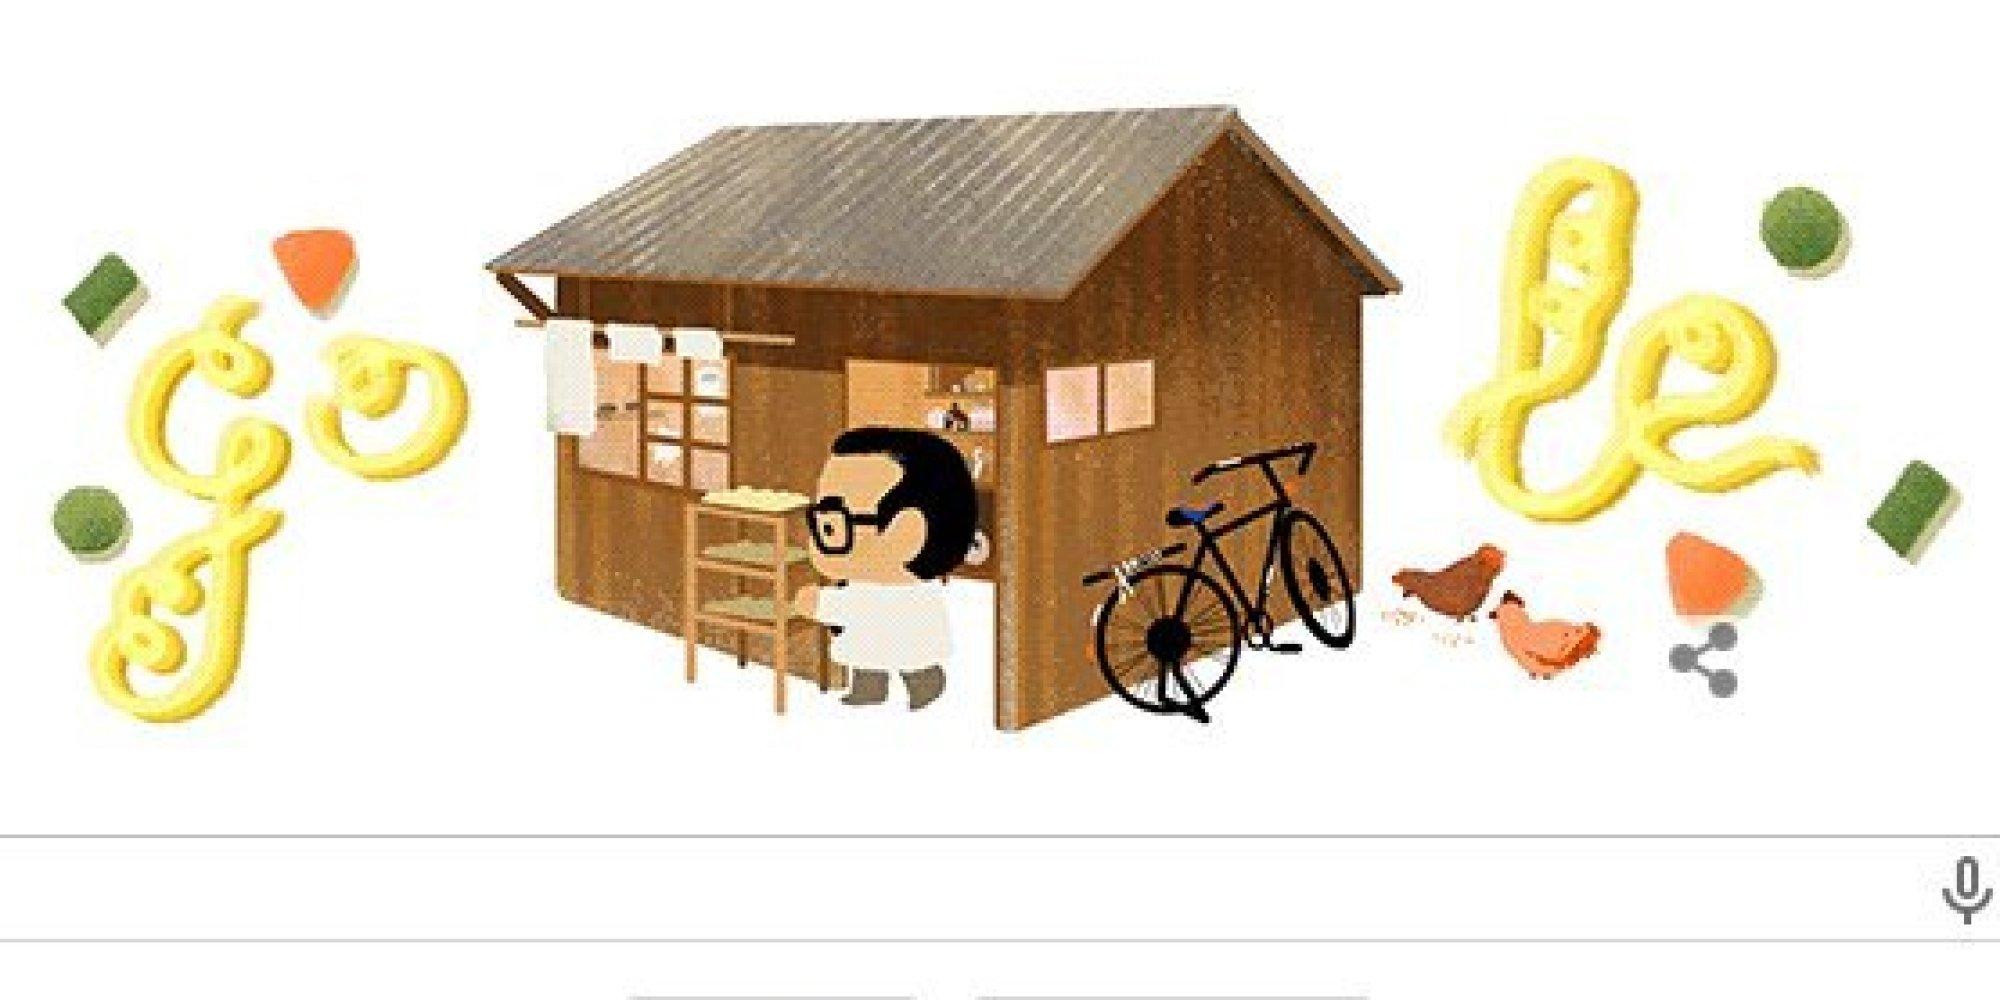 安藤百福さん、Googleロゴに「人生に遅すぎるということはない」 シェア  安藤百福さん、Go